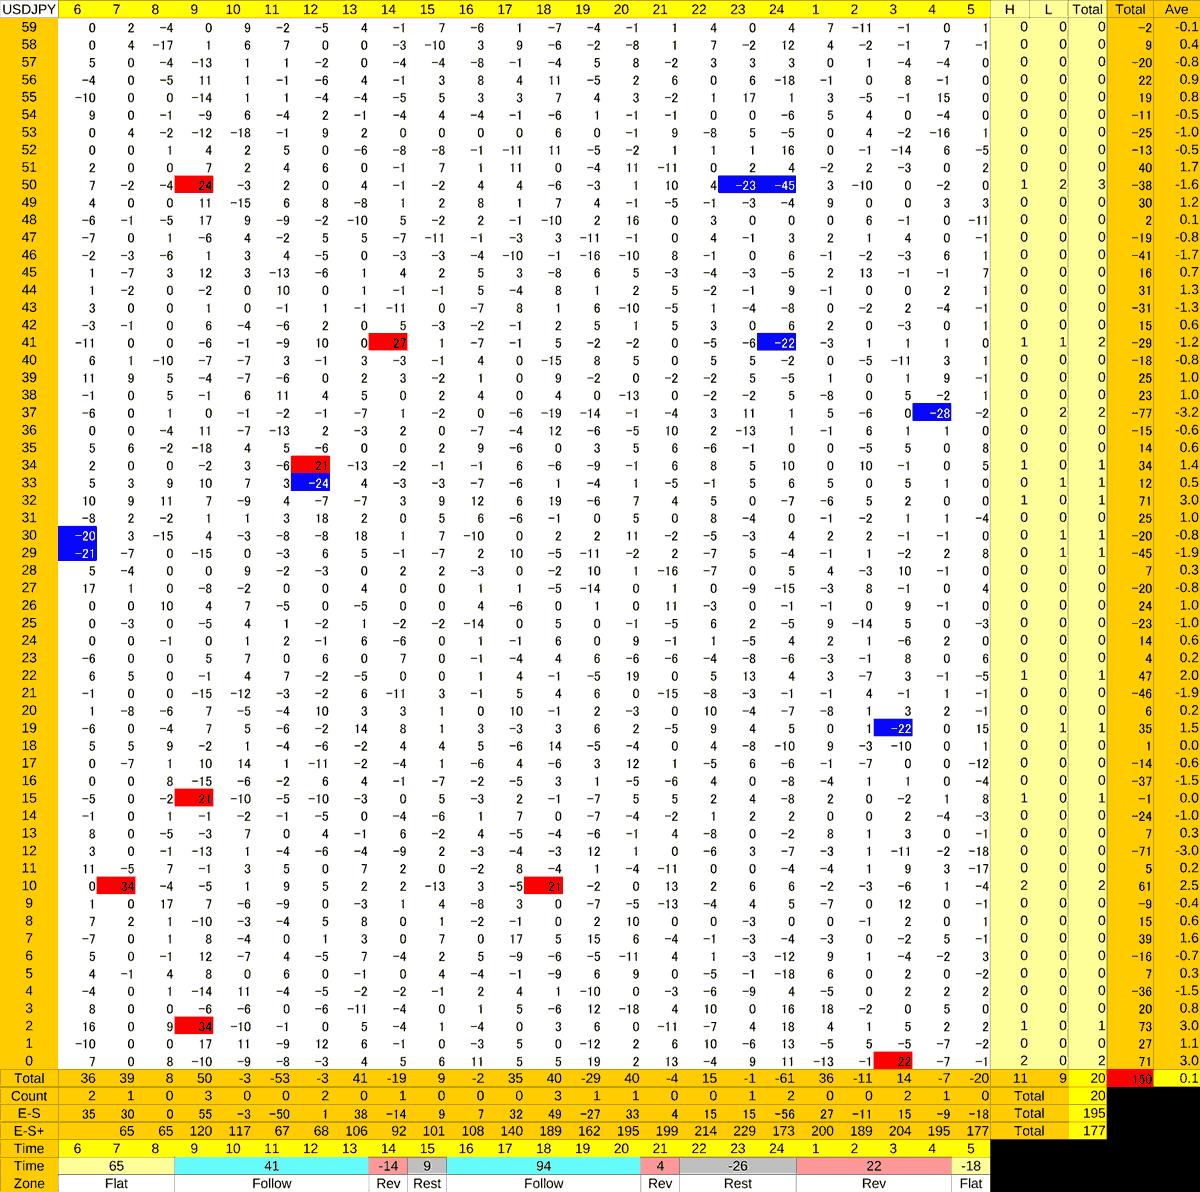 20201224_HS(1)USDJPY